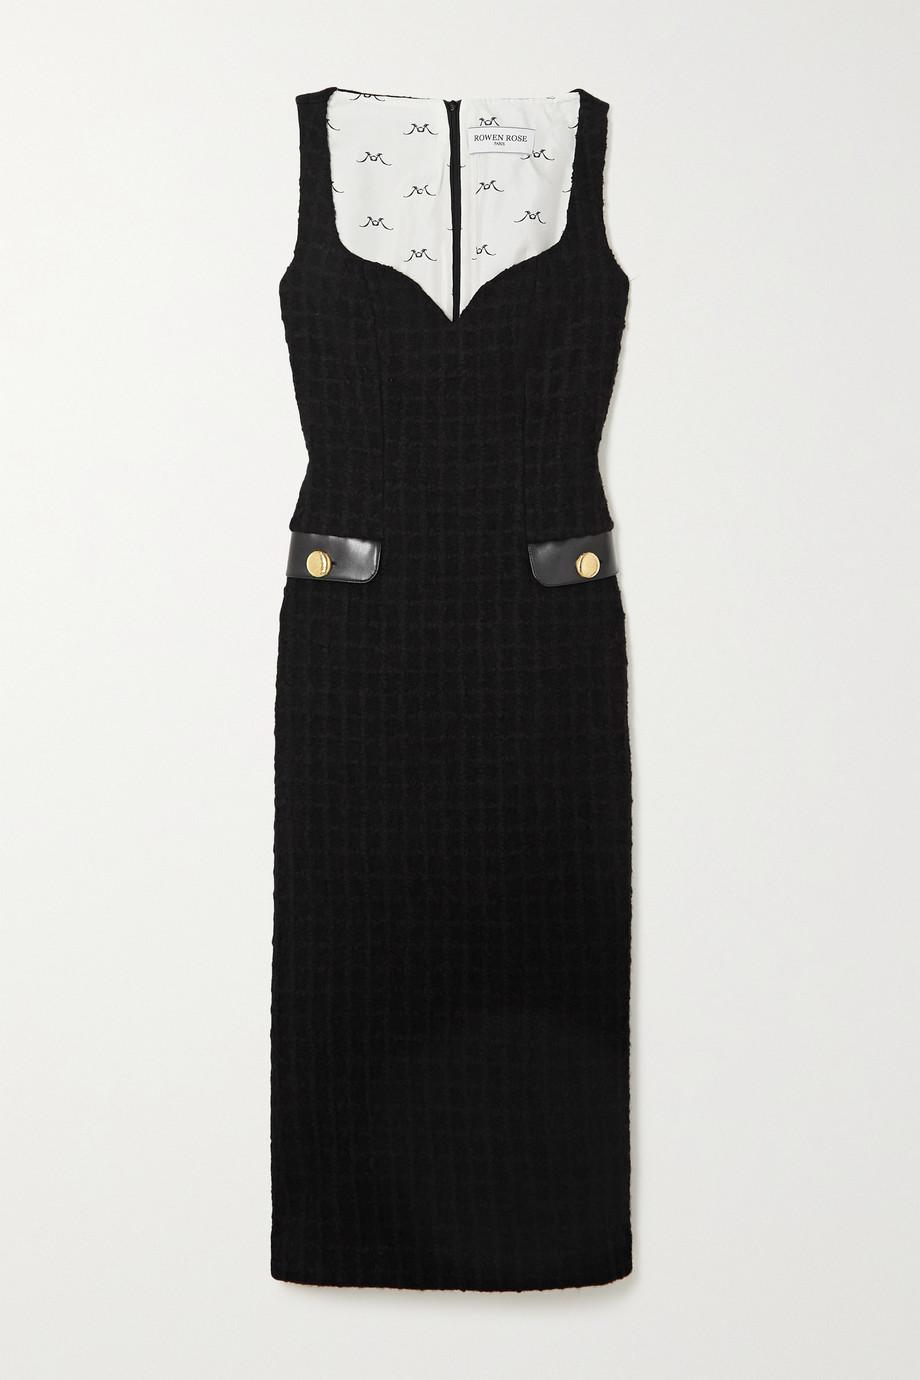 Rowen Rose Midikleid aus Tweed aus einer Wollmischung mit Kunstlederbesätzen